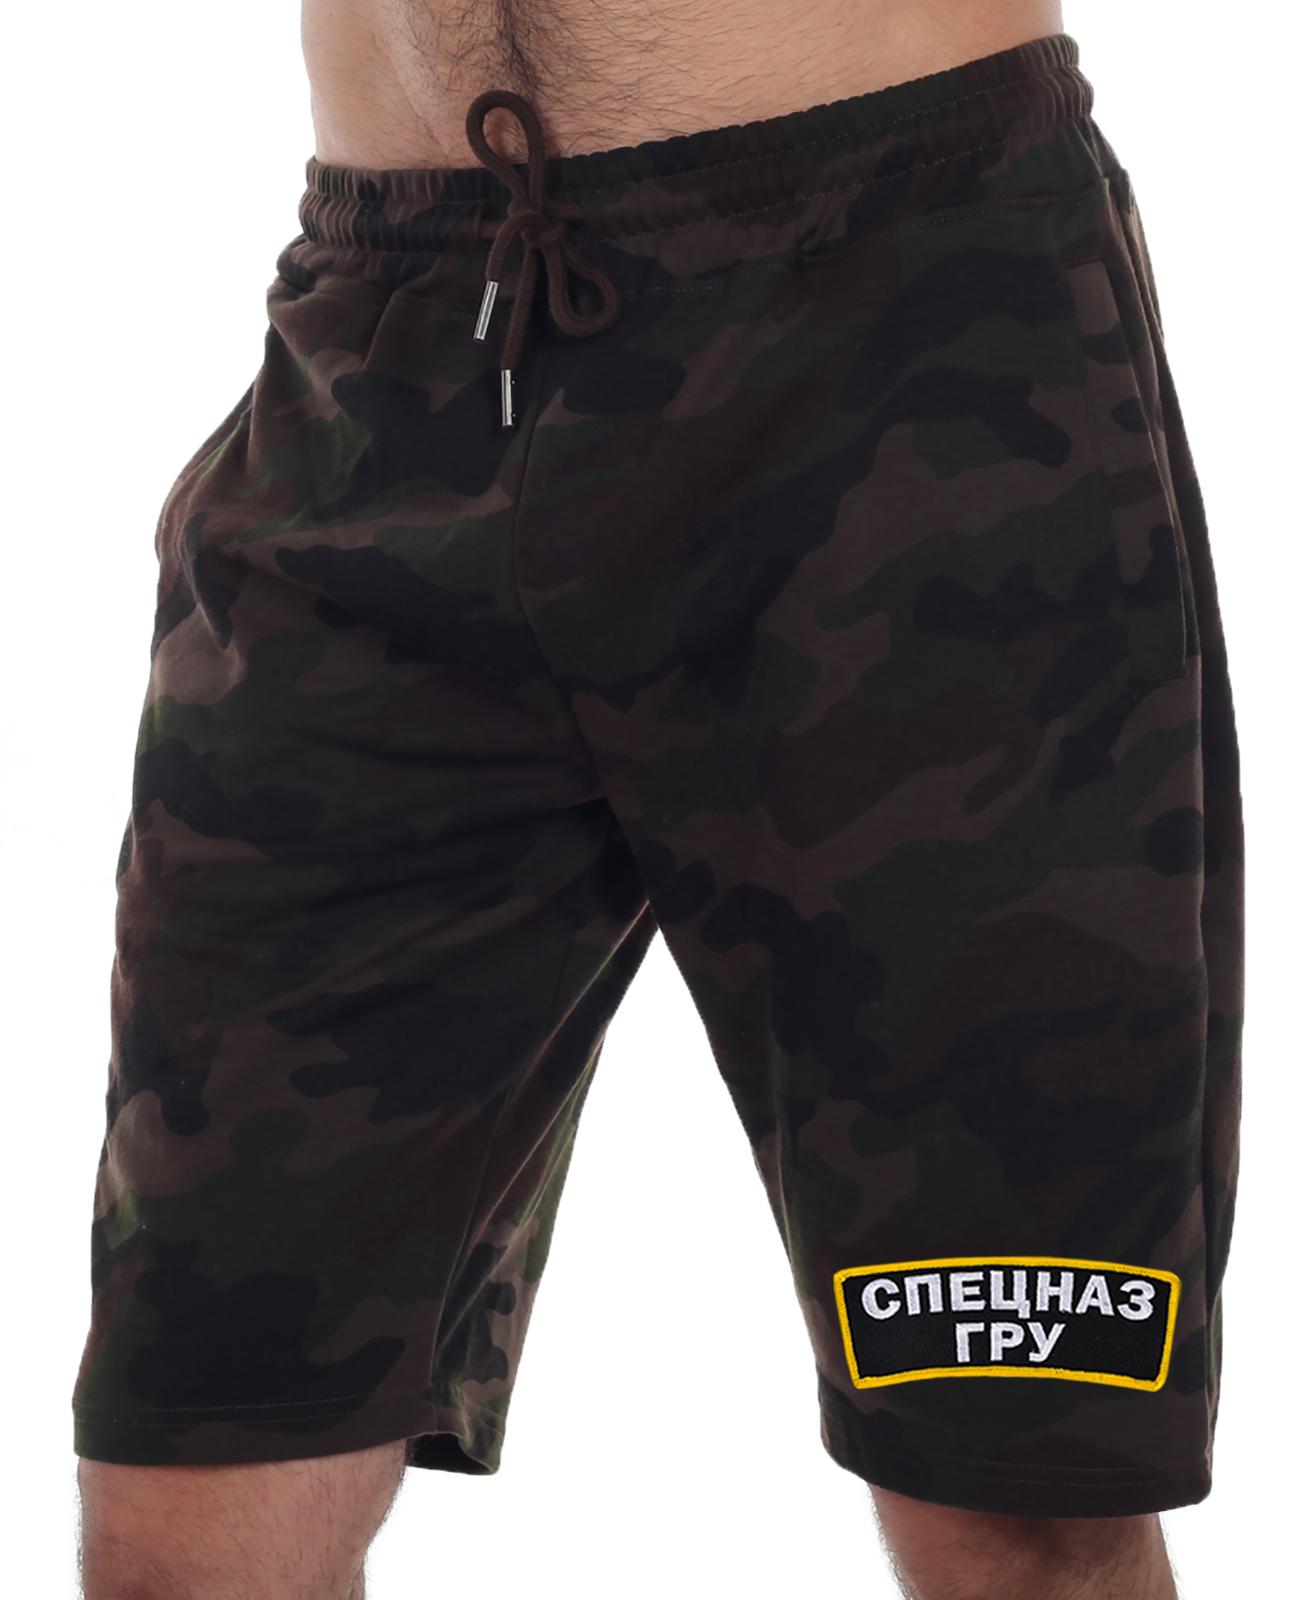 Купить в Москве мужские шорты Спецназа ГРУ